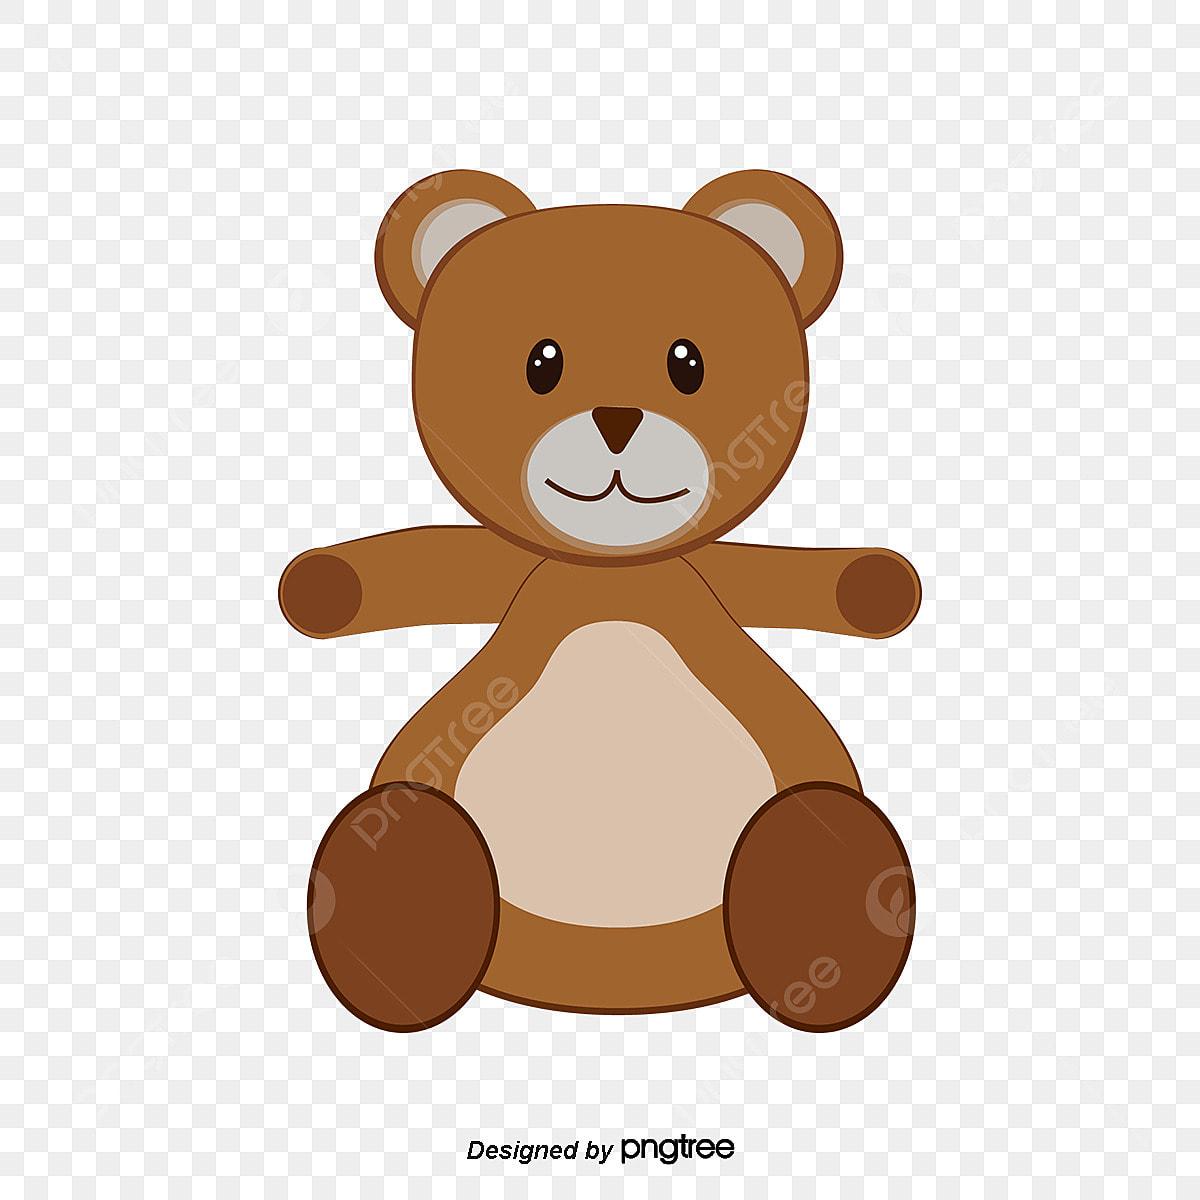 Desenhos Animados Urso Pintado A Mao Flores Gravata Animal Dos